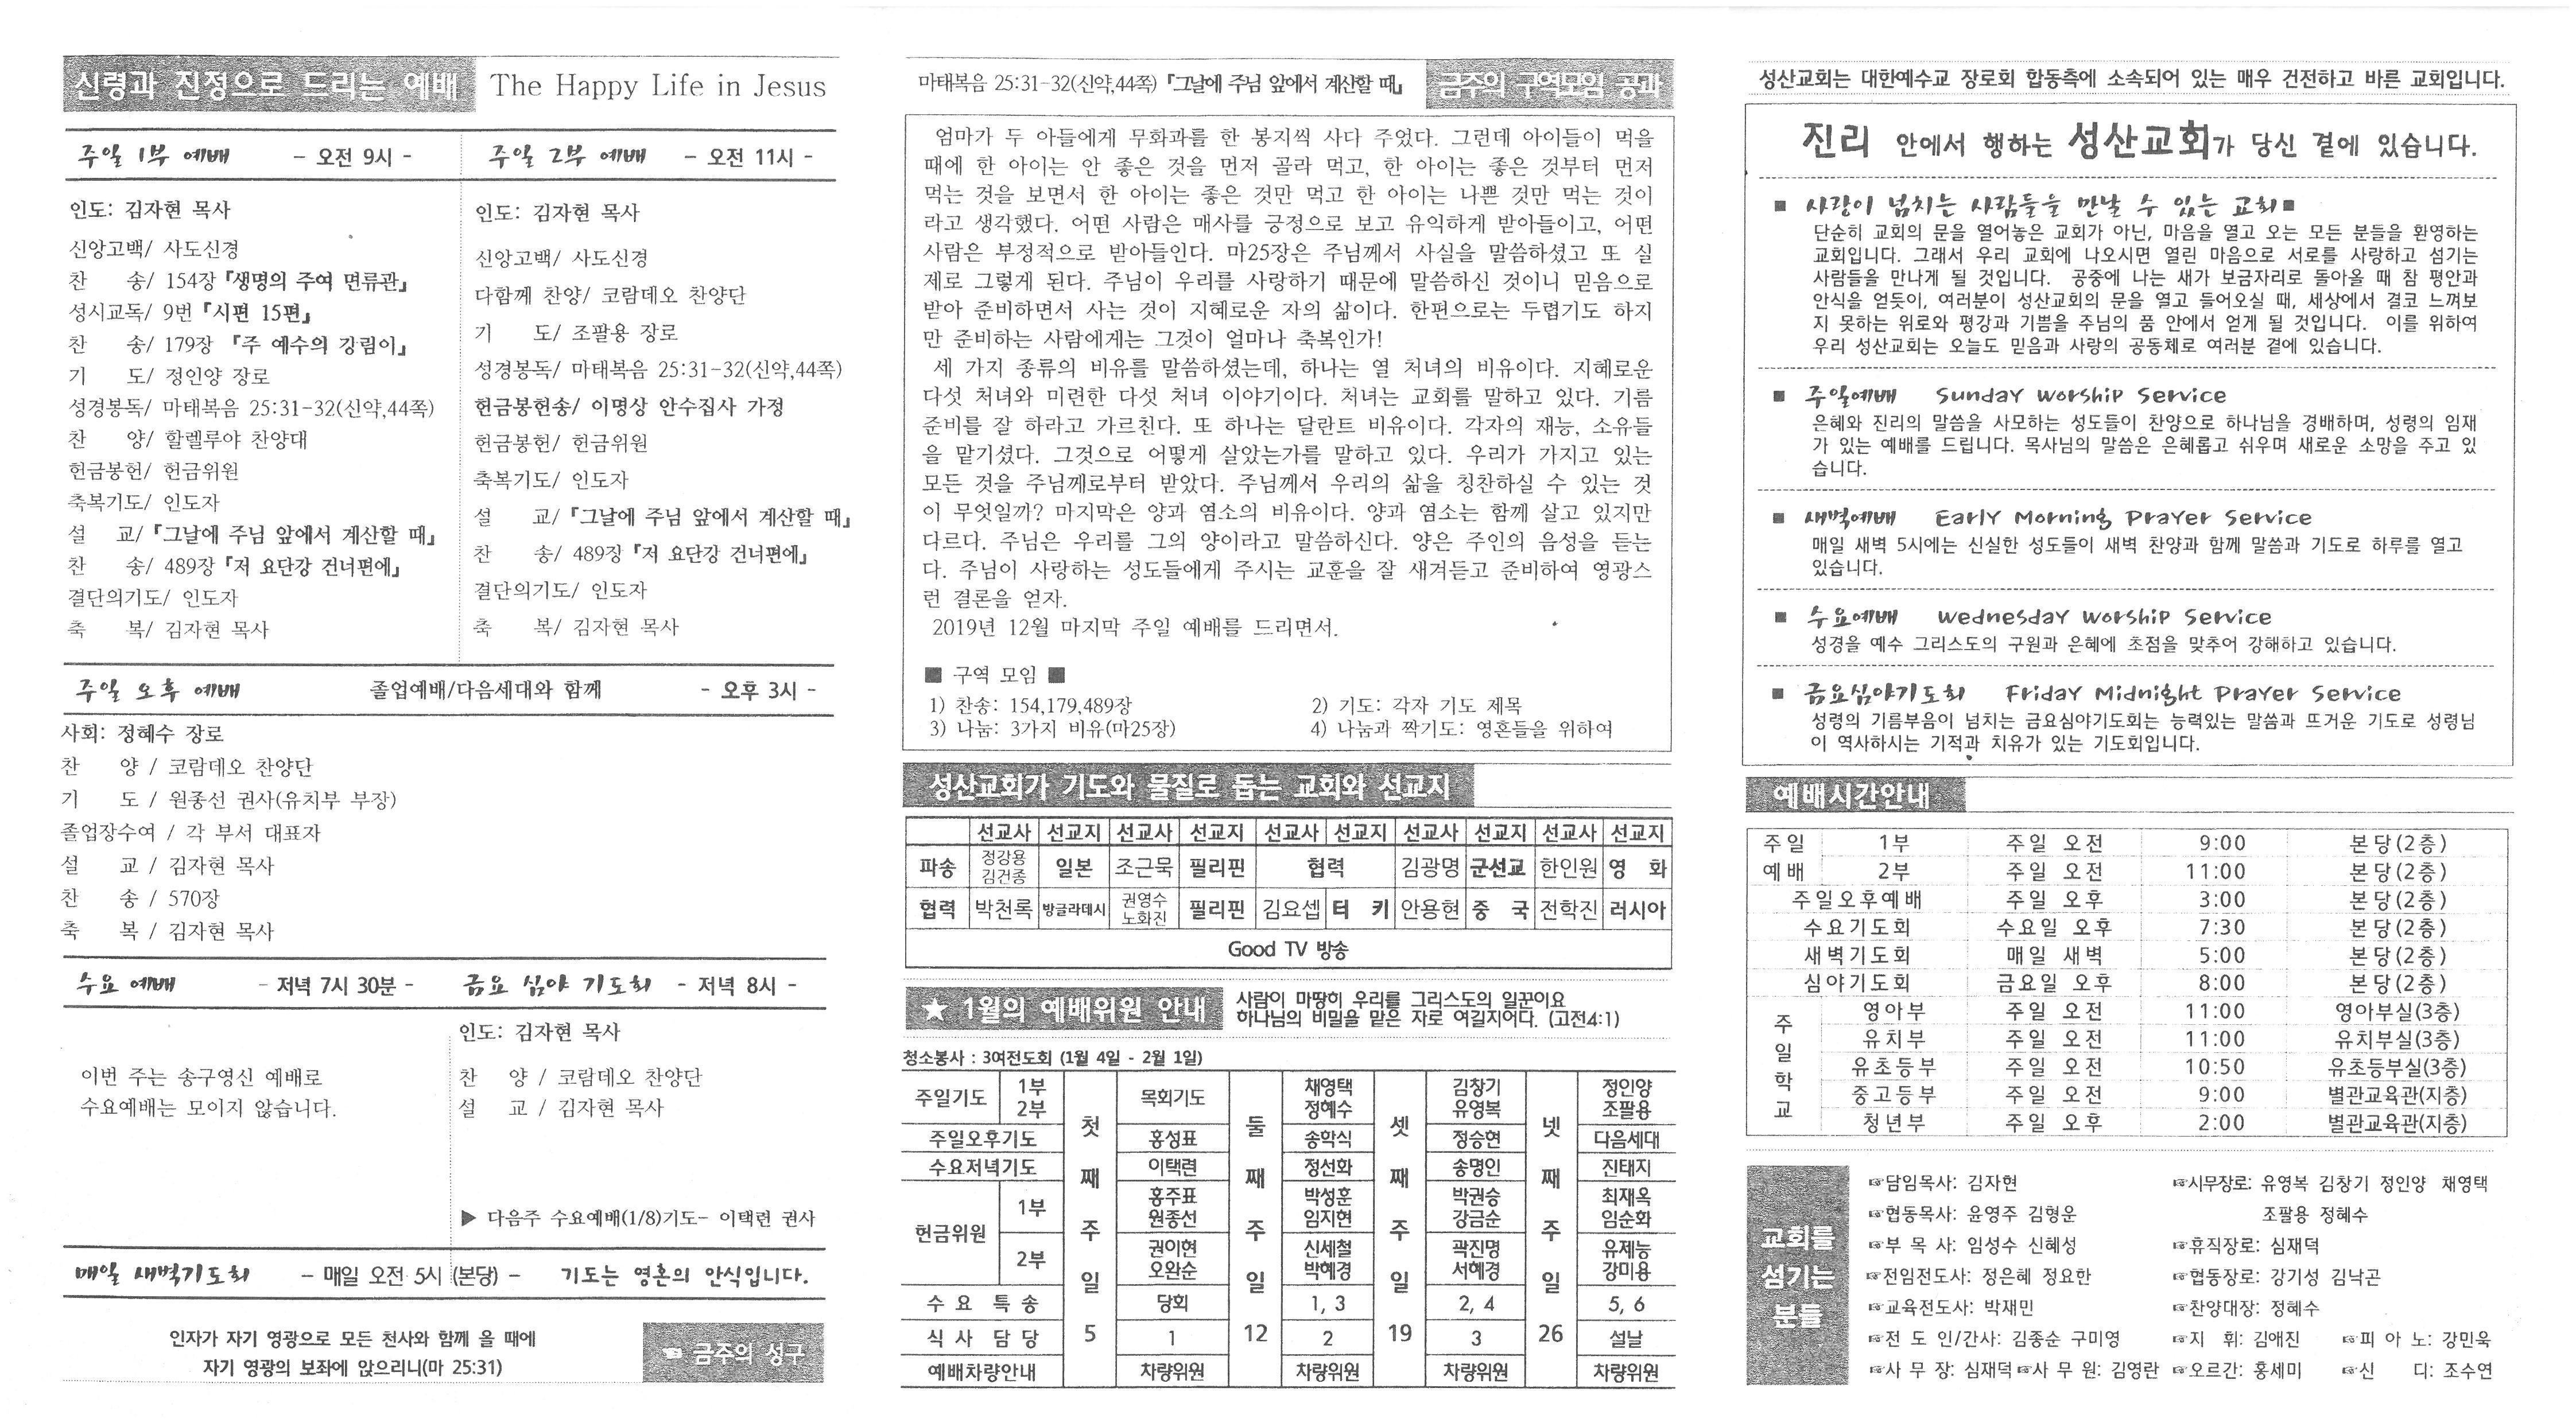 S22C-6e19122815050_0001.jpg